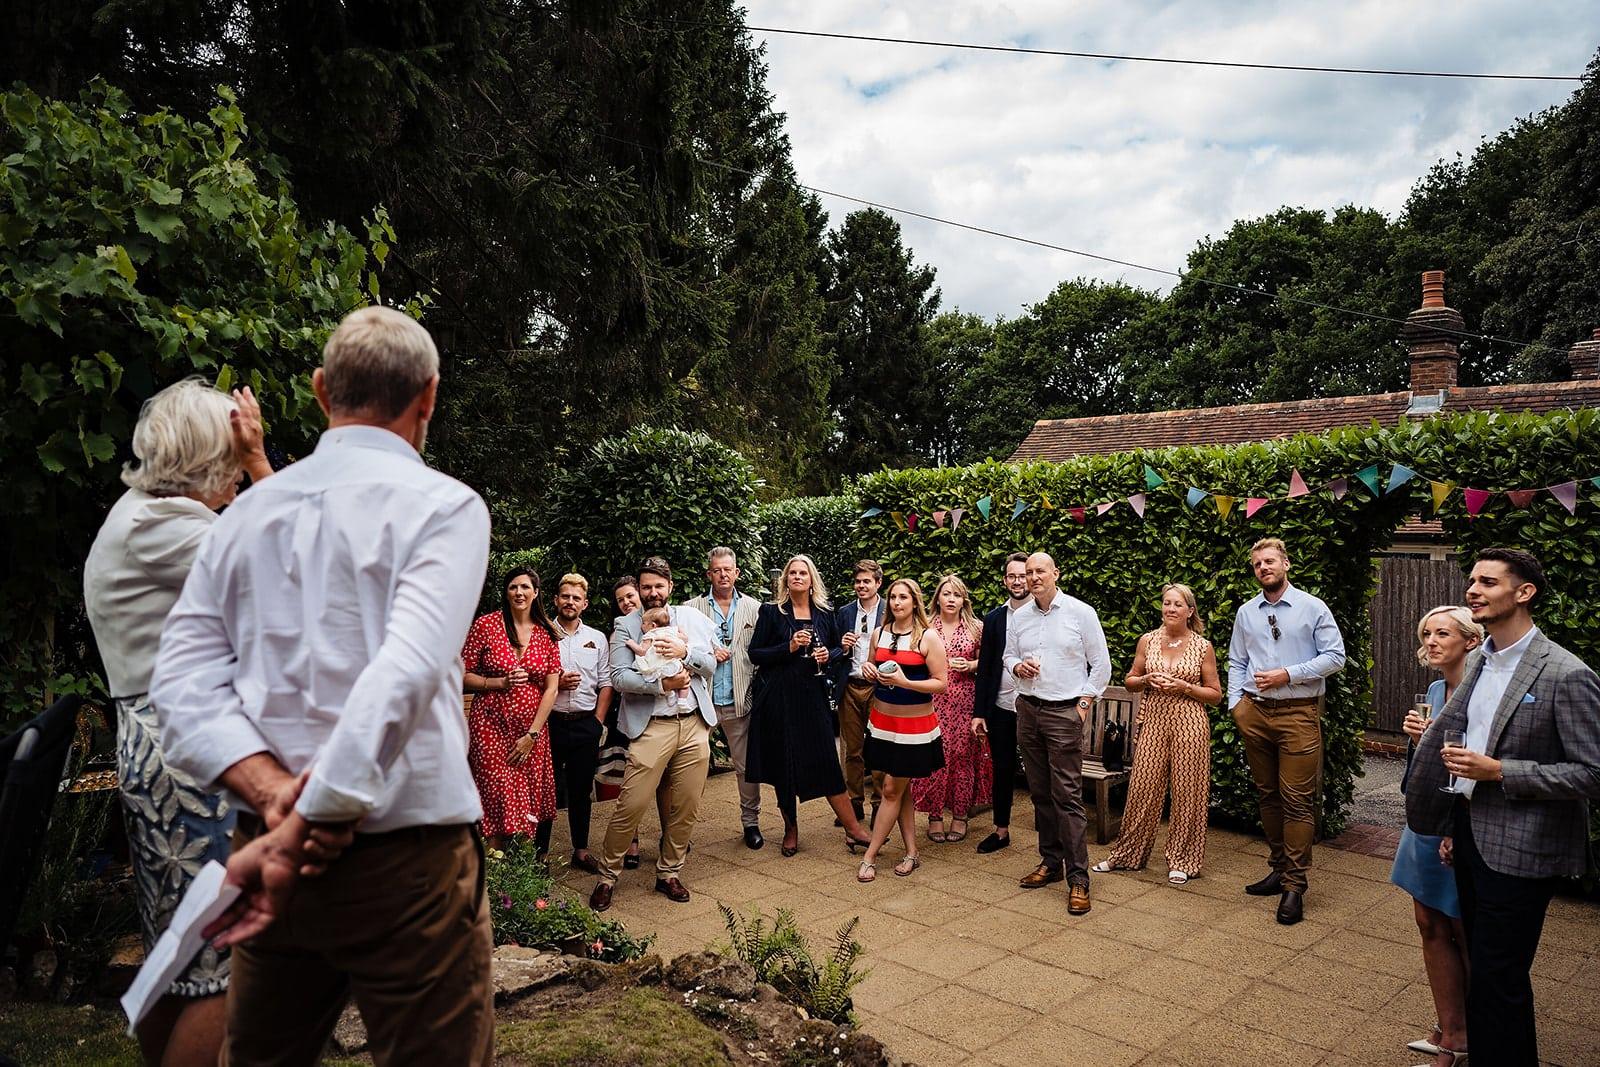 Wedding speeches at a Kent English Garden Covid Micro Wedding